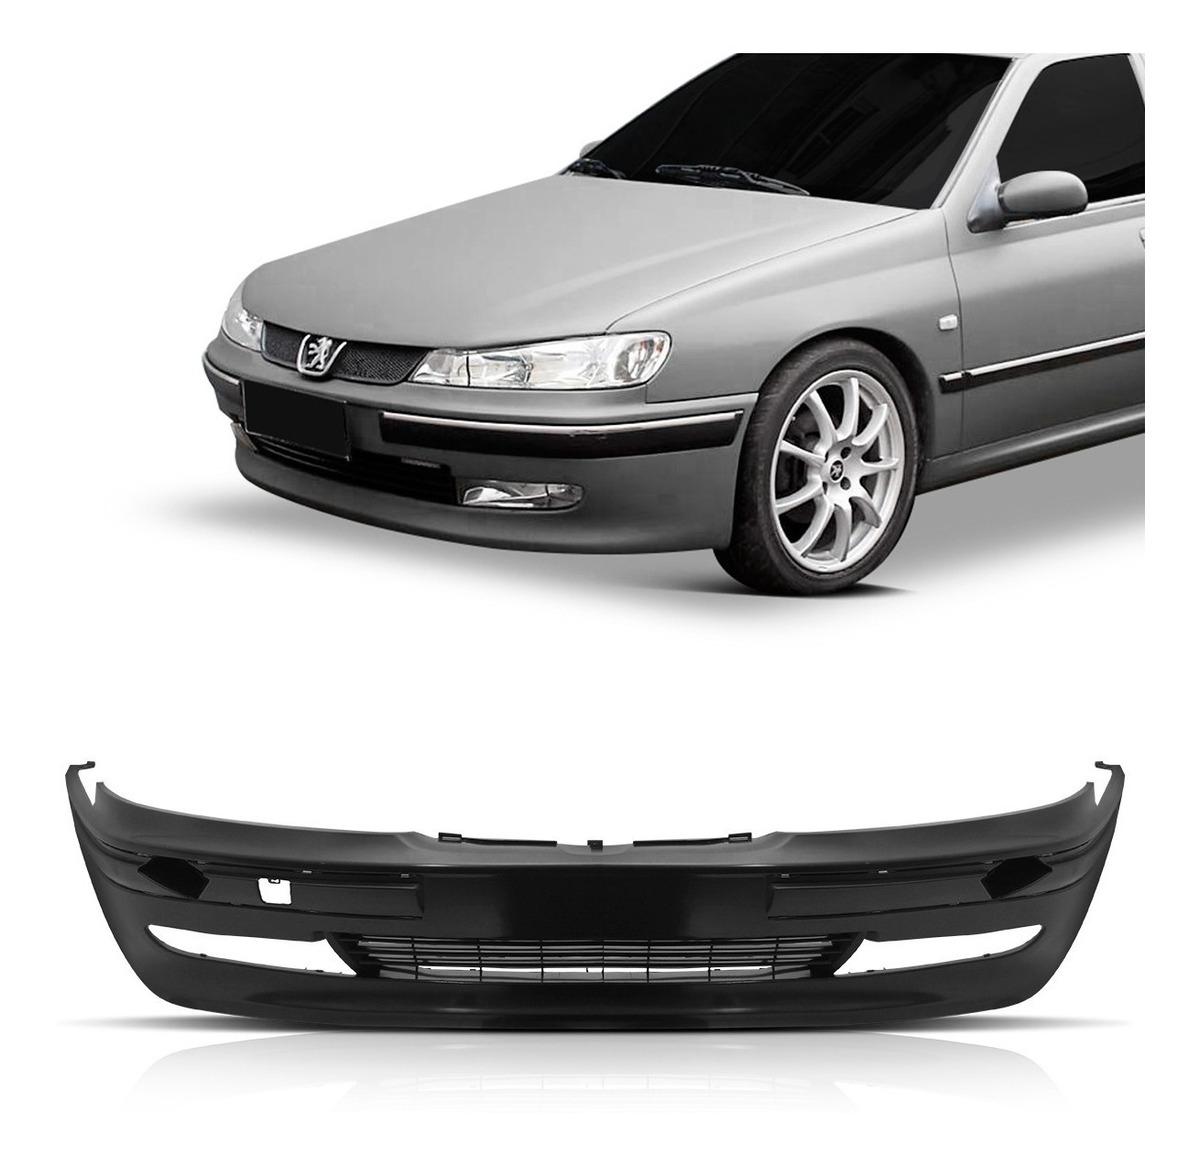 Az Acessorios Tudo Em Acessorios Automotivos Parachoque Dianteiro Peugeot 406 2000 2001 2002 R 519 15